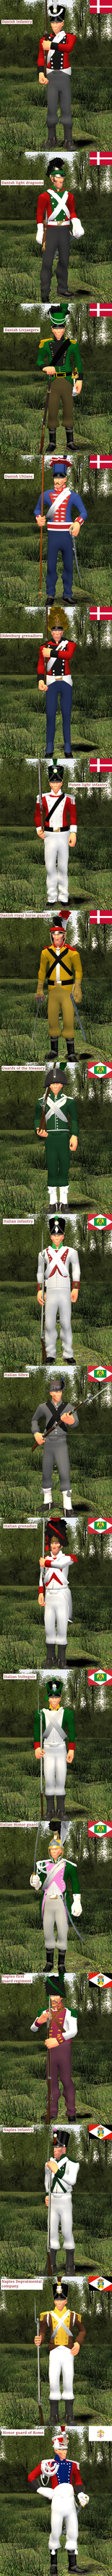 Napoleonic wars uniform challenge part 4. by Samuraiknight-1600